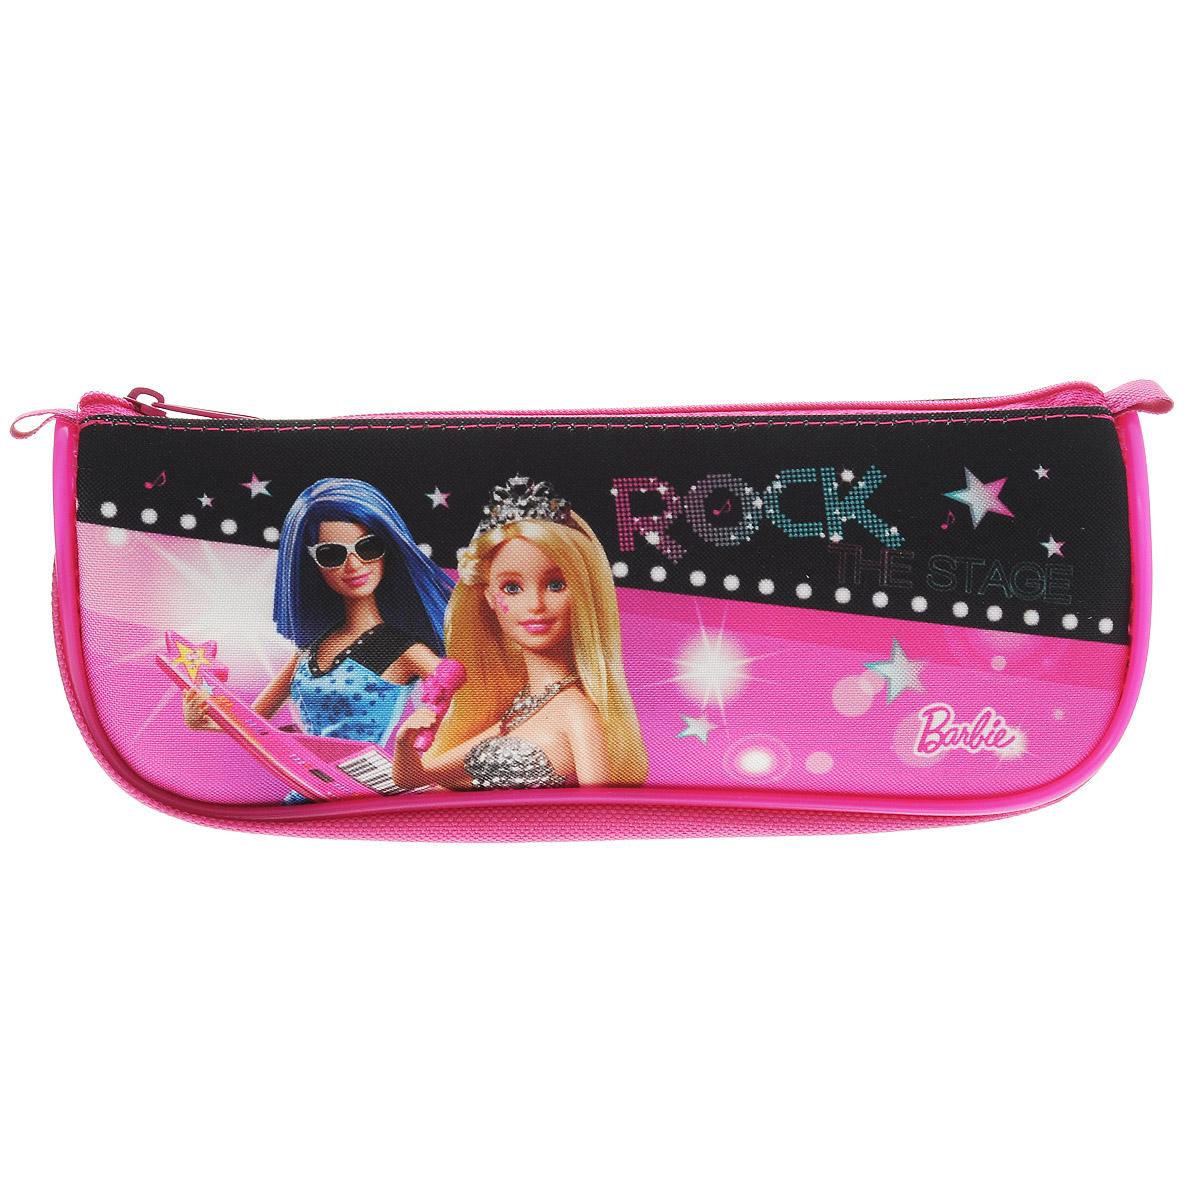 Пенал Hatber мягкий на молнии-БАРБИ- (Barbie), розовый72523WDУдобный пенал для школьных канцелярских принадлежностей. Пеналимеет одно отделение и надежную застежку-молнию.